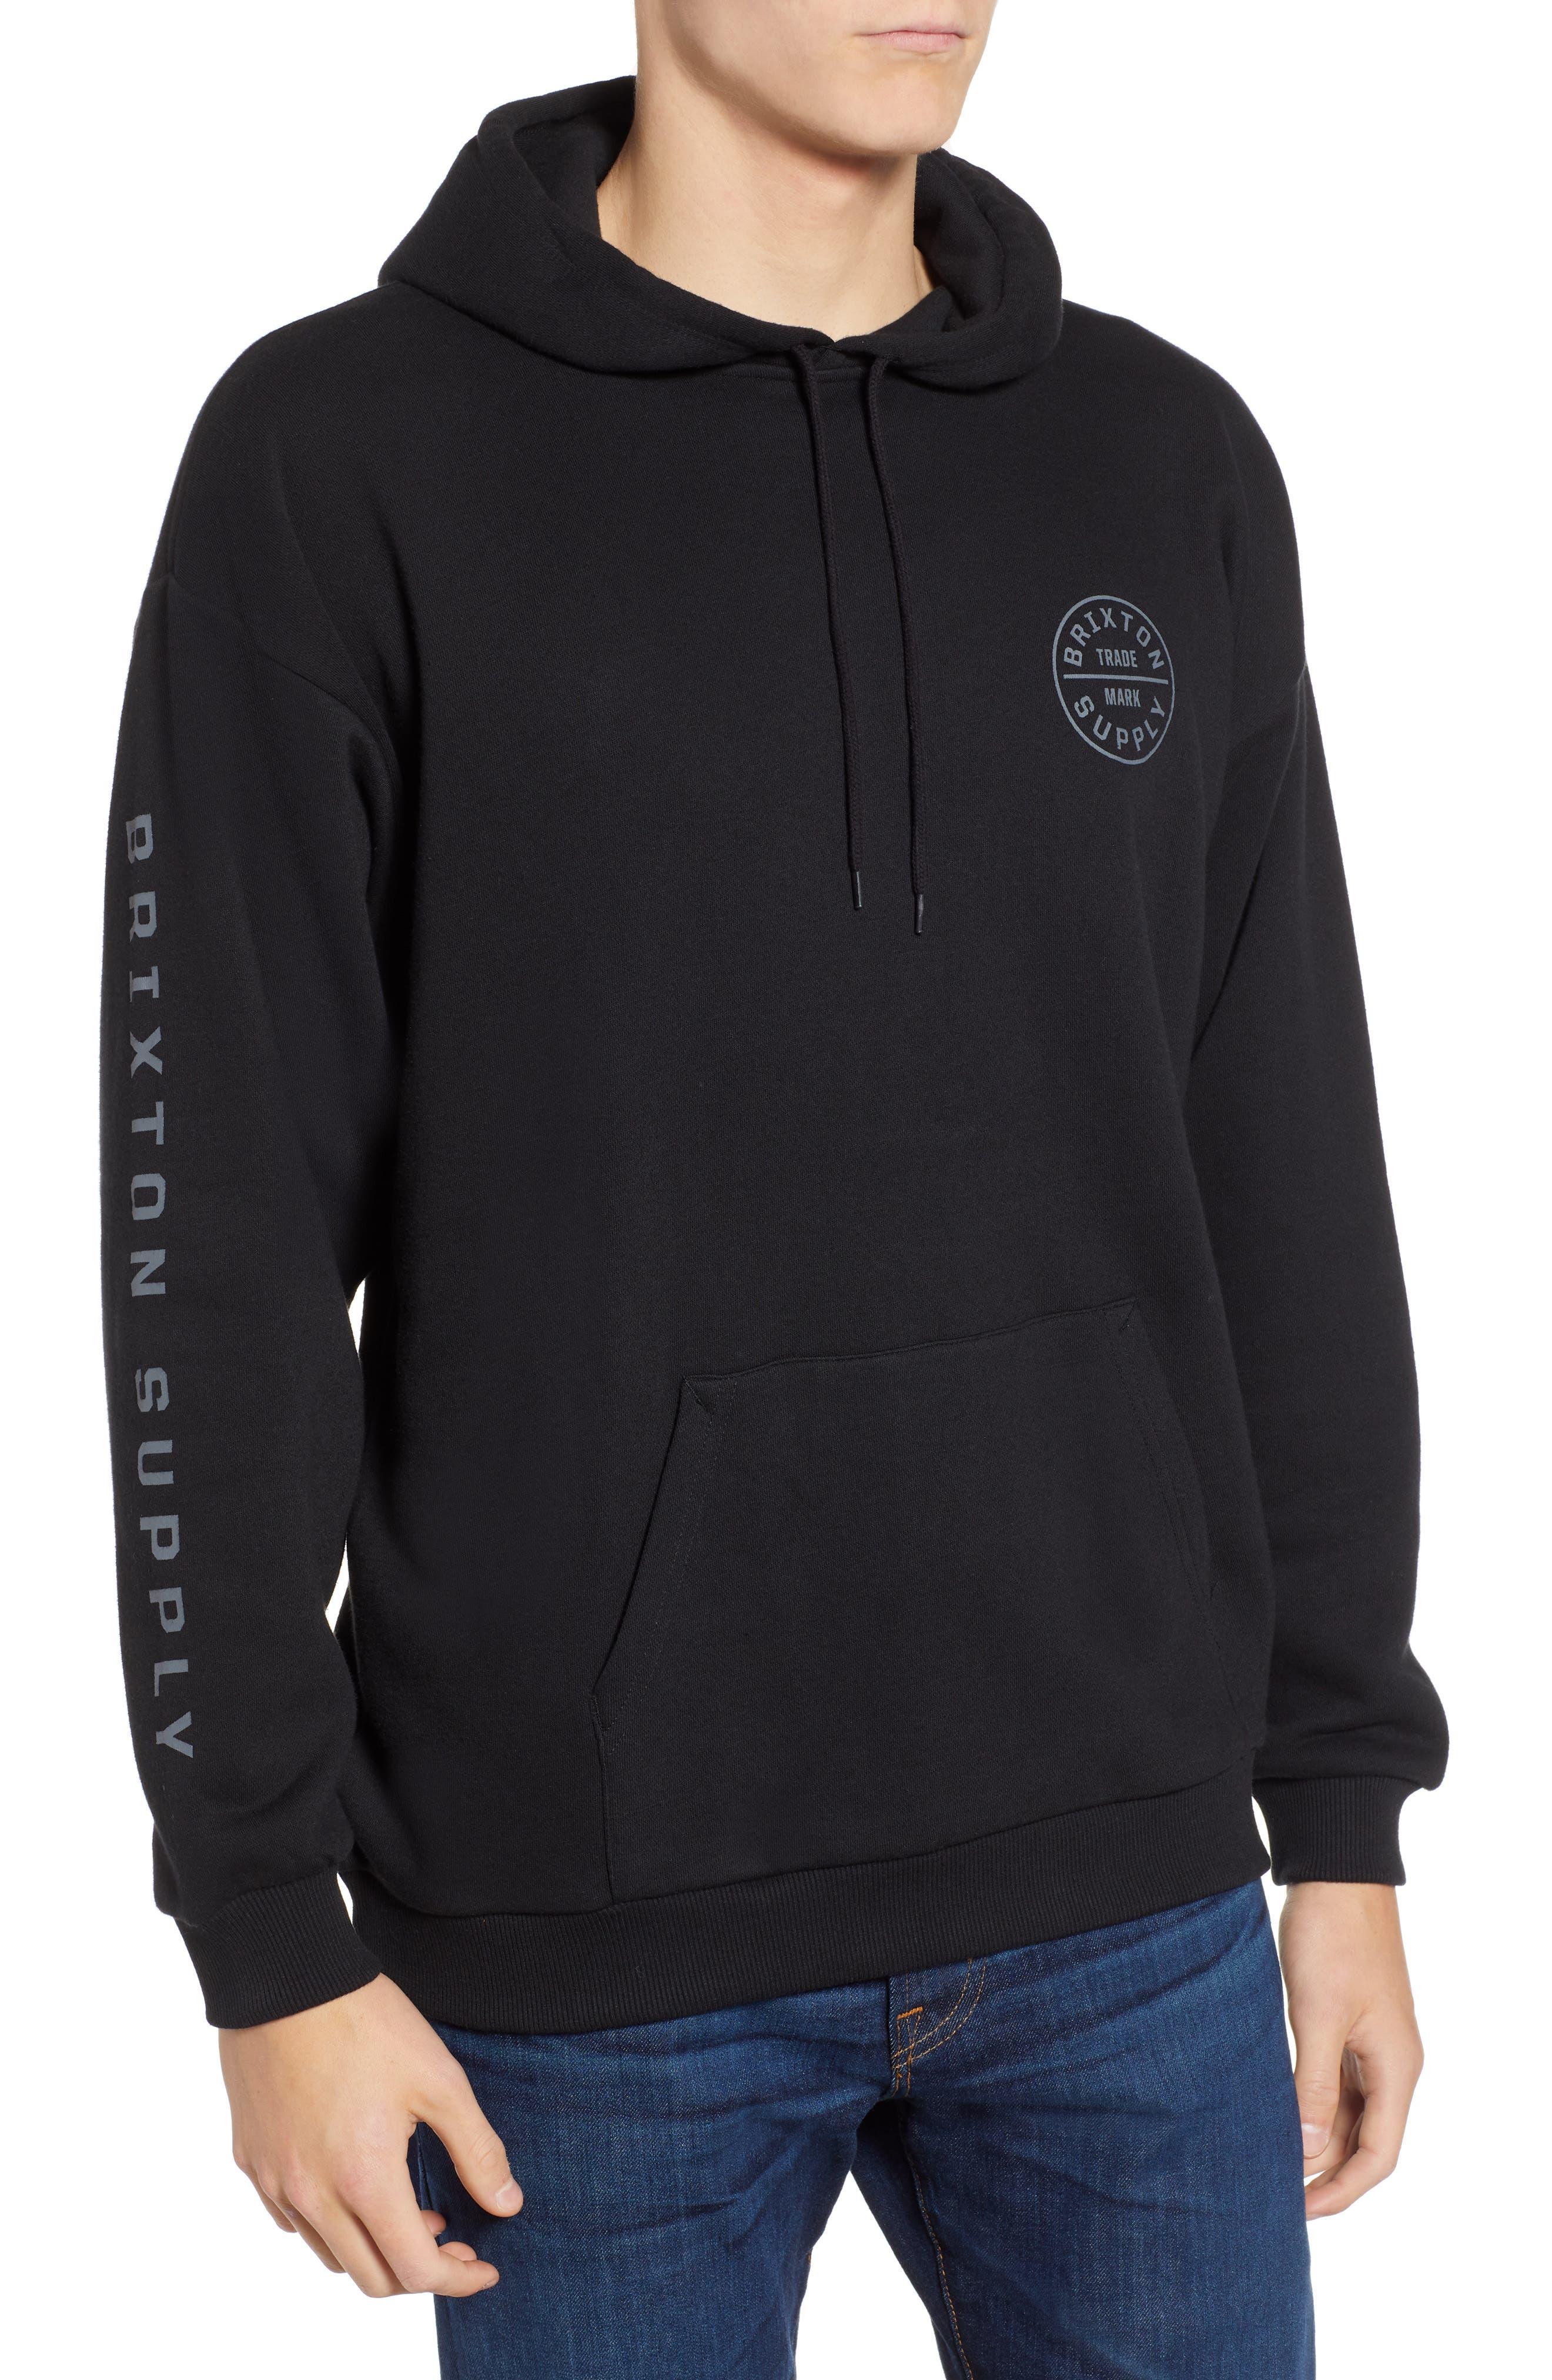 Oath SV III Hooded Sweatshirt,                         Main,                         color, 001